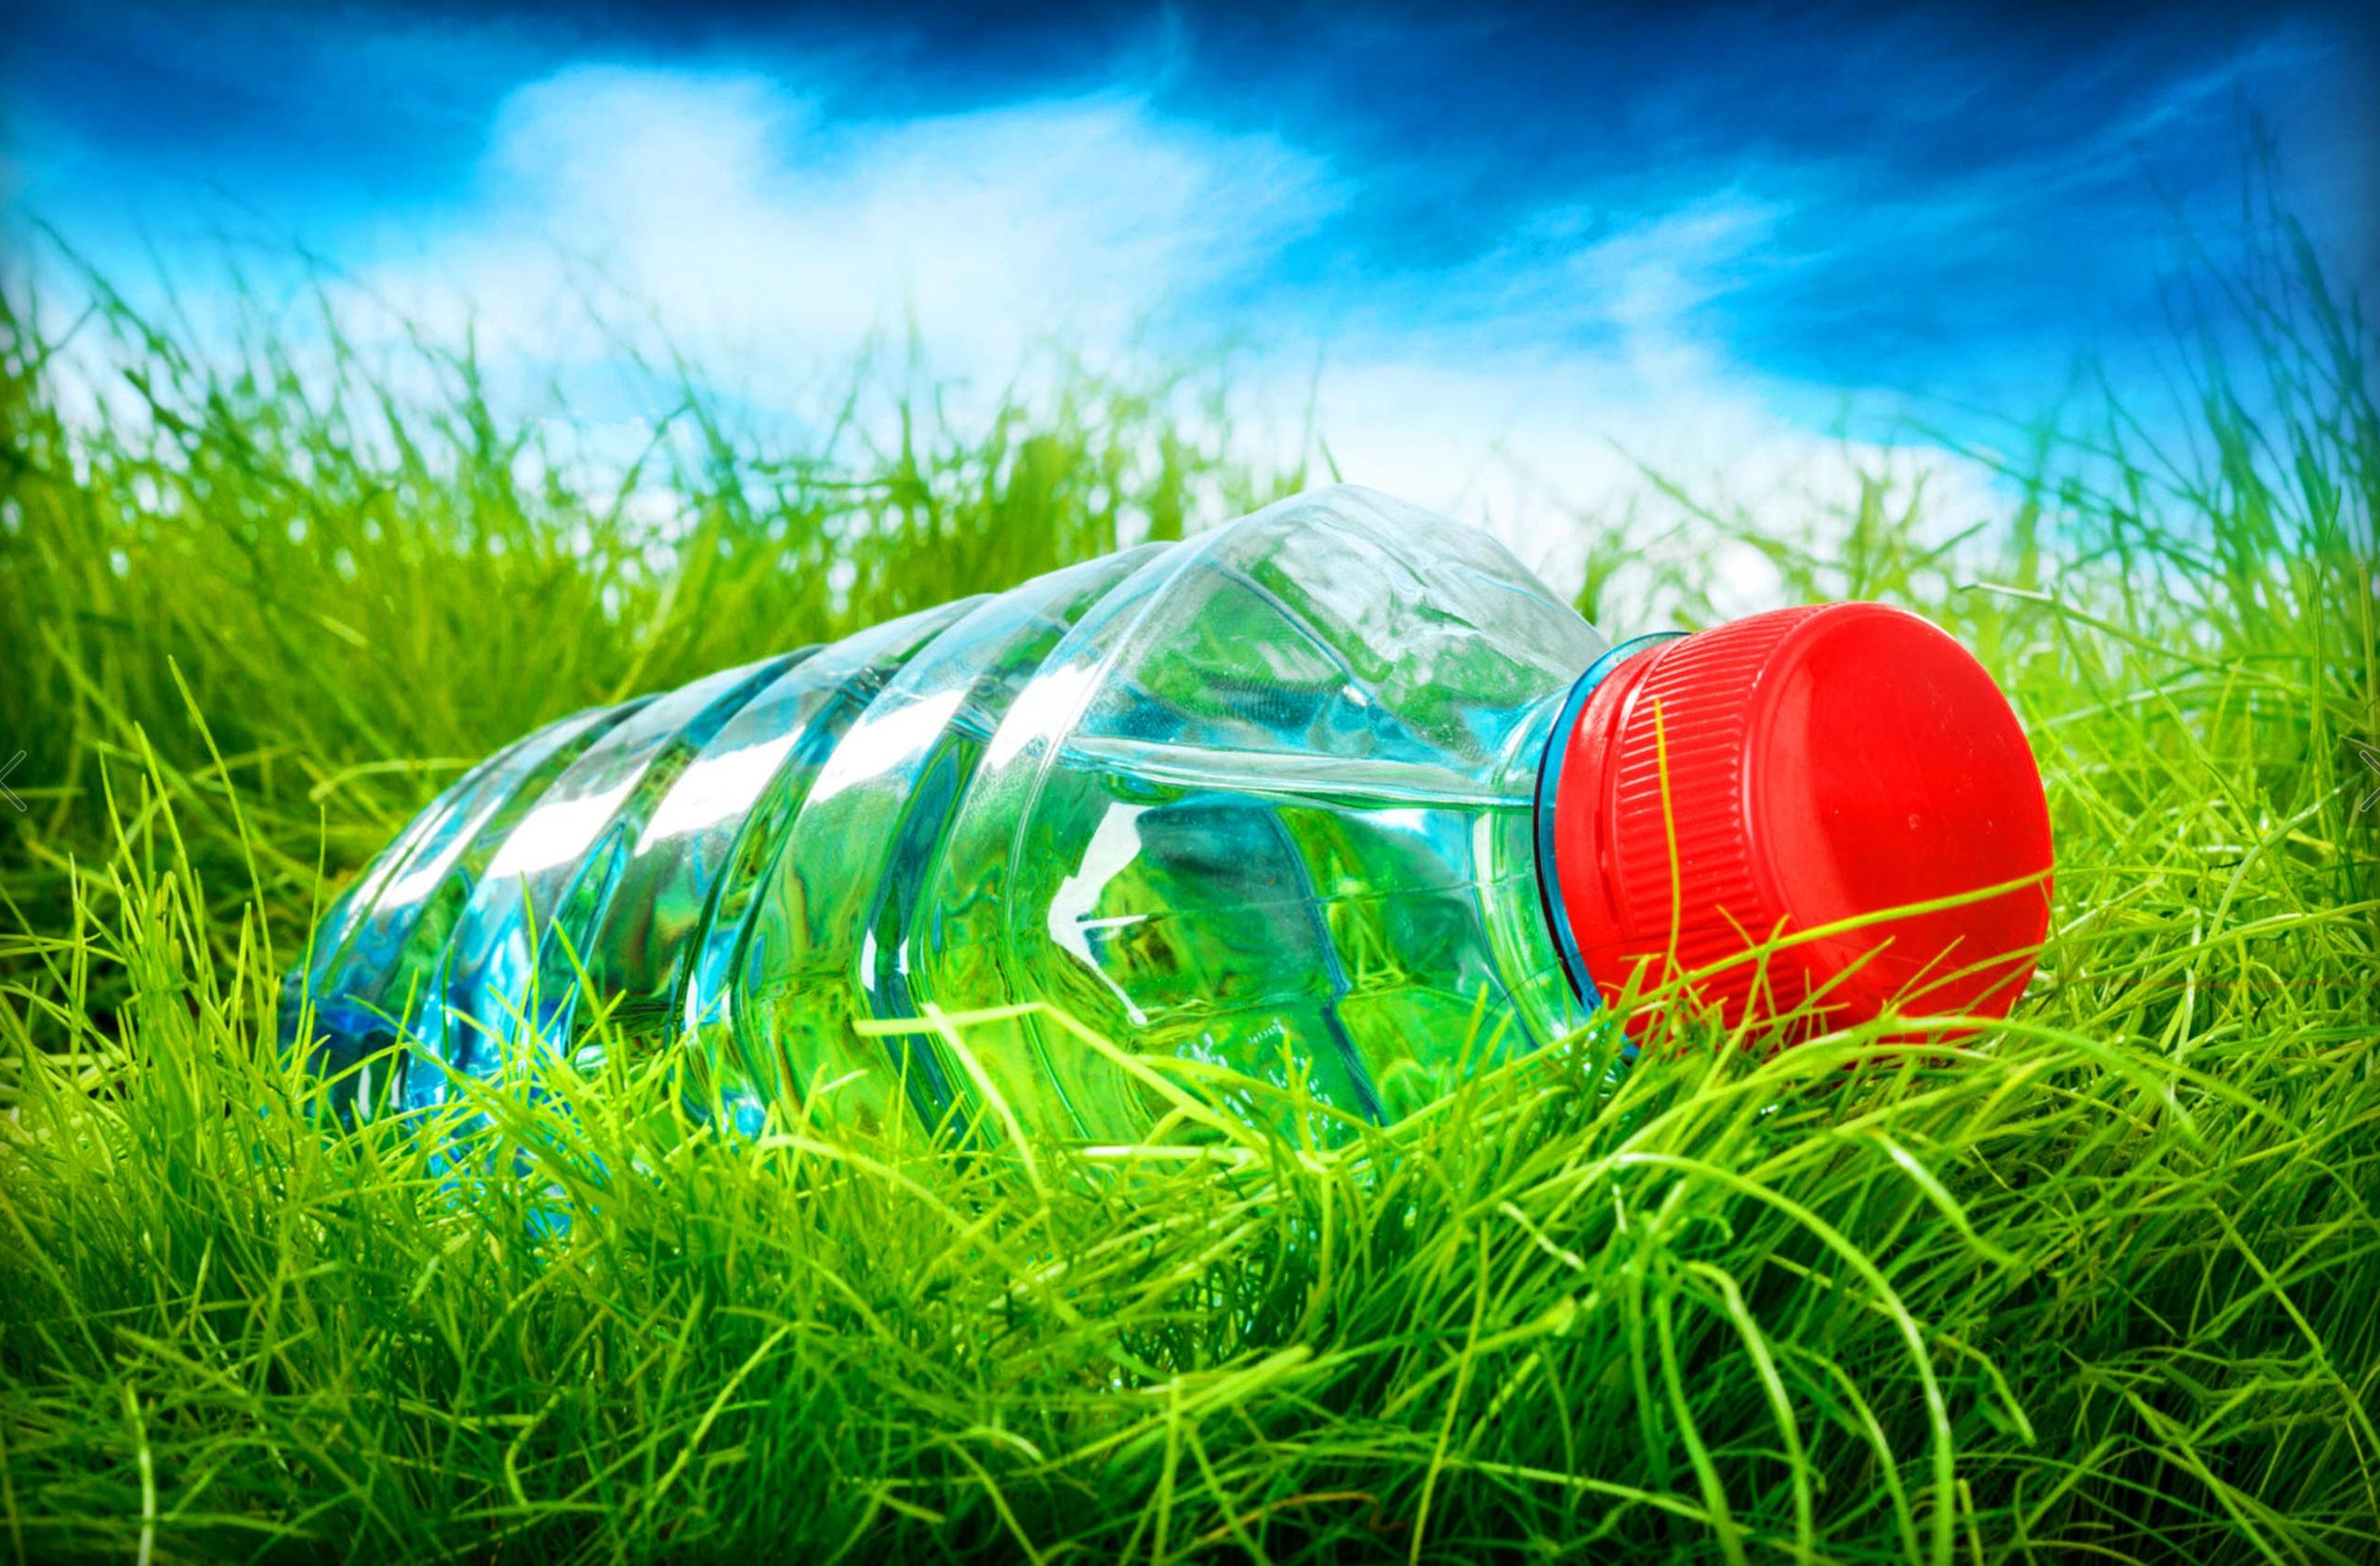 Откуда известно, что пластик разлагается 500 лет?